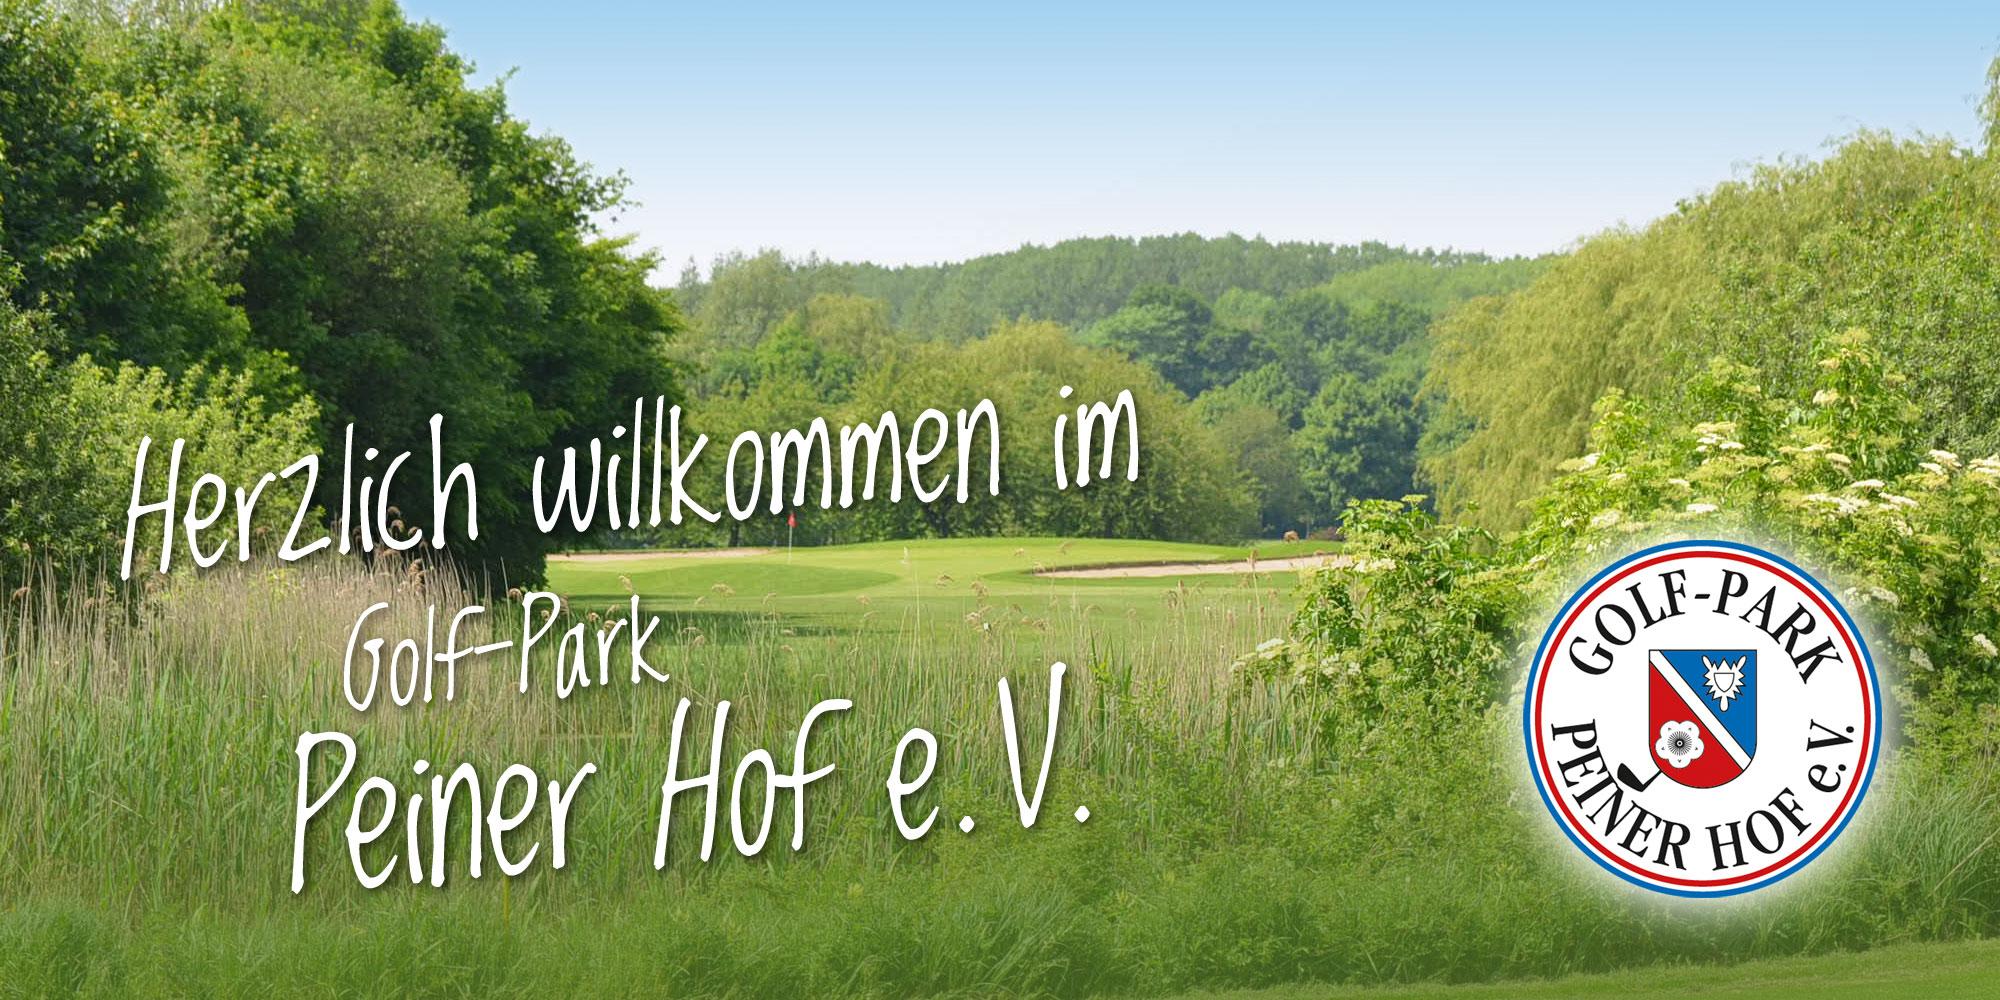 Golf-Park Peiner Hof e.V.